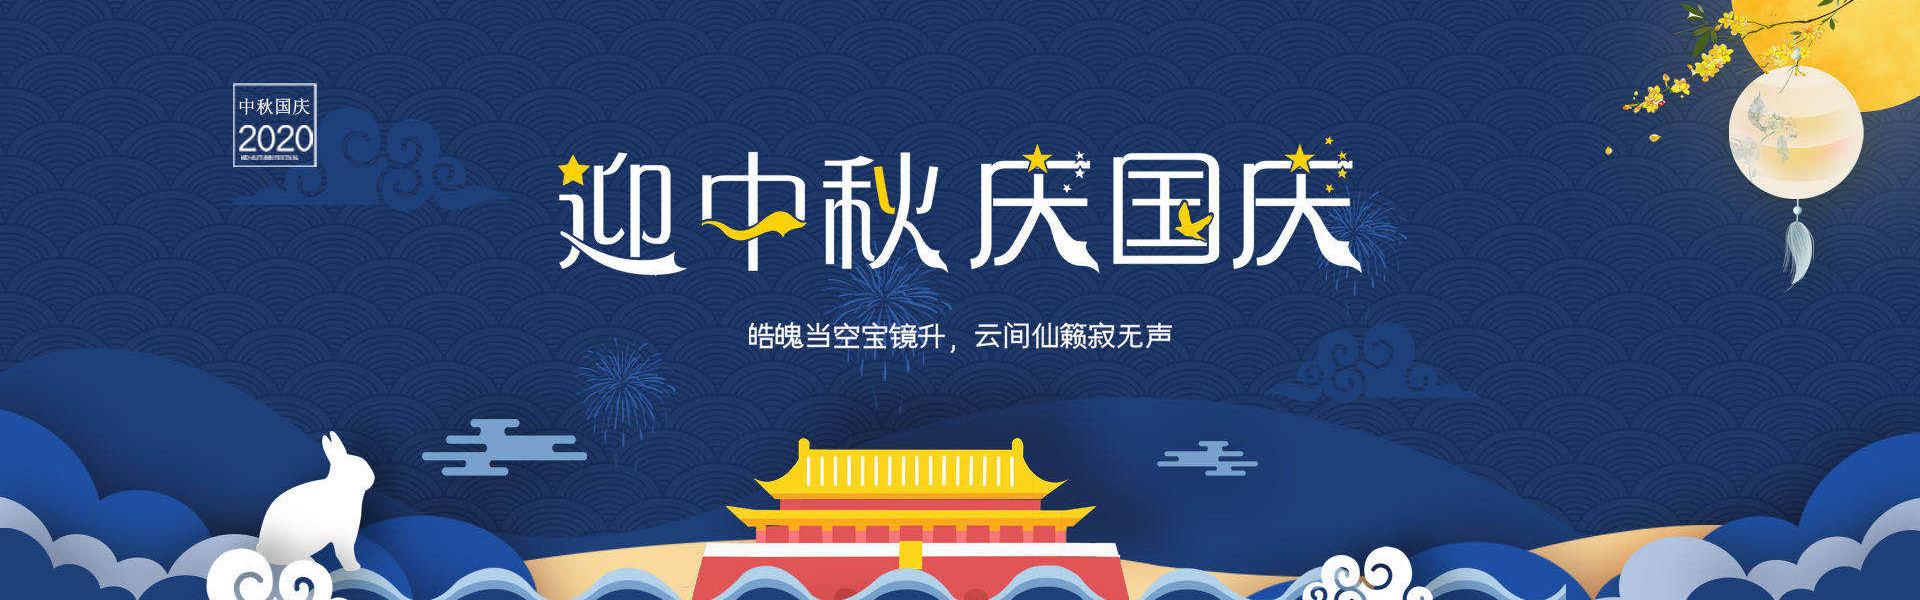 泉州艺凯文化传媒有限公司欢度国庆海报